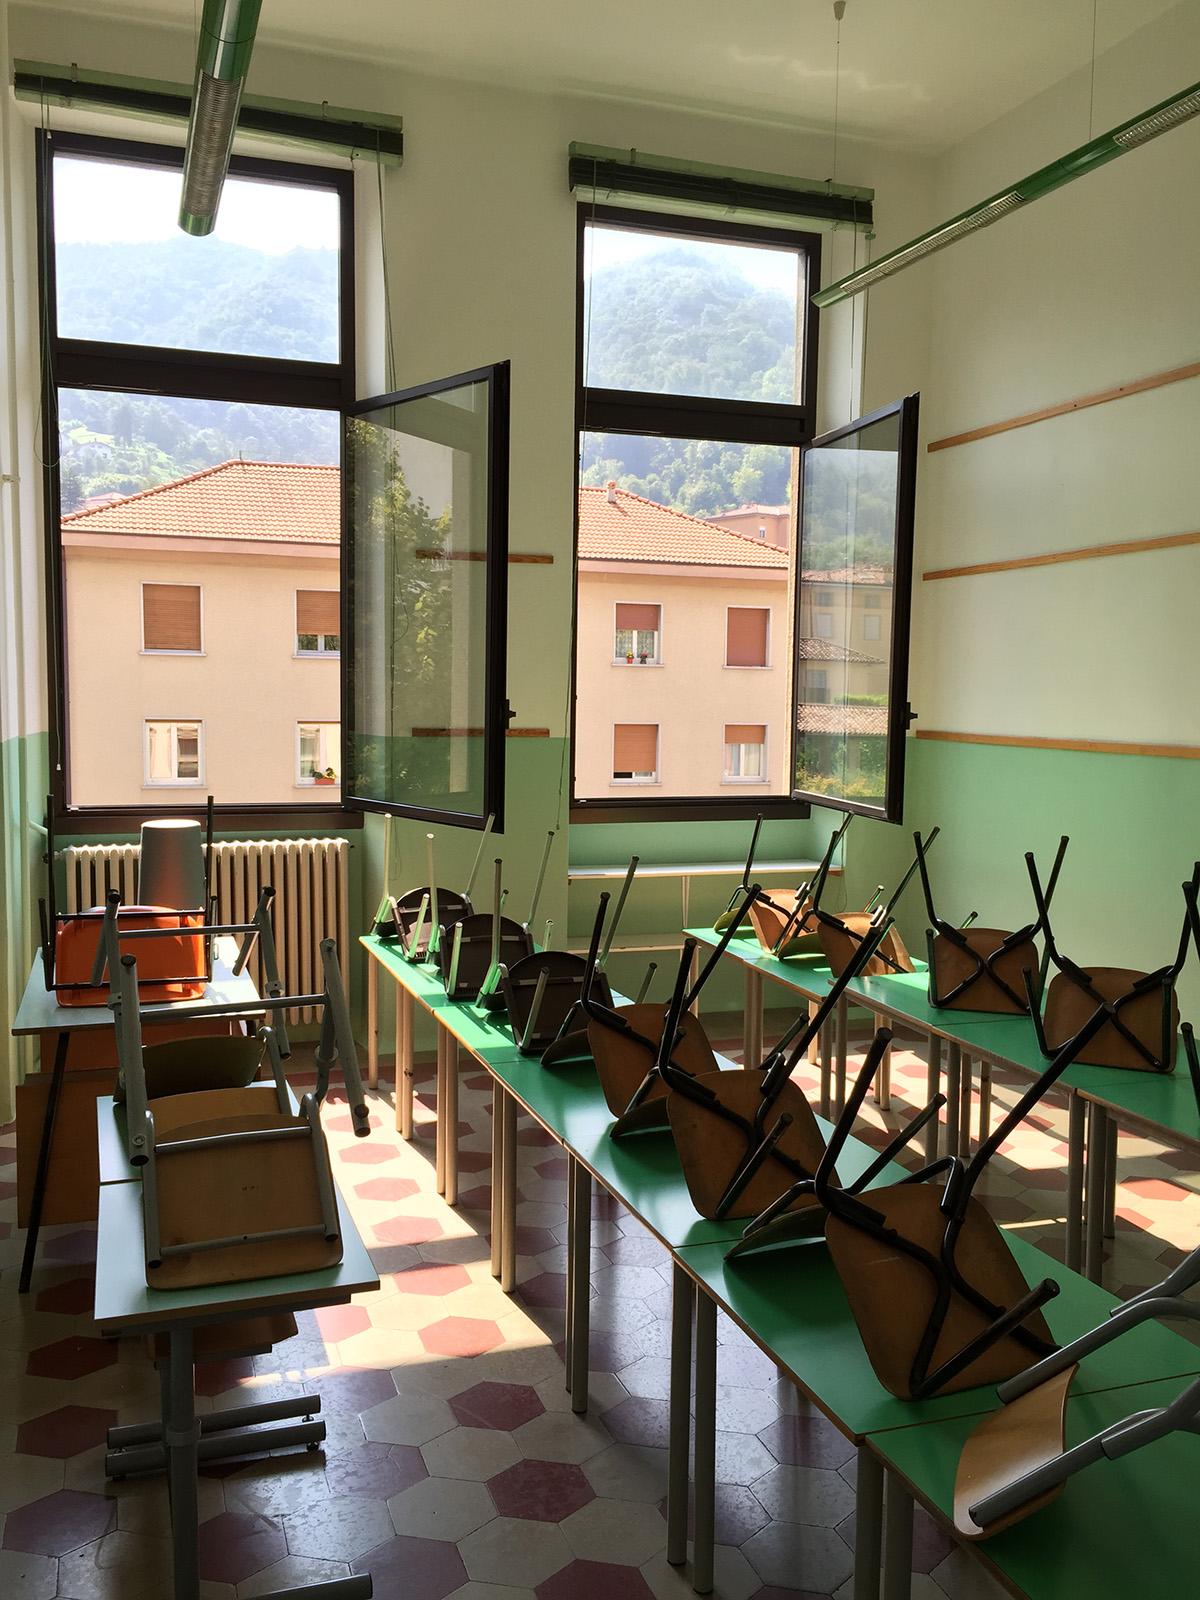 Perico-Renato-Pradalunga (BG) - Scuola comunale - Manutenzione straordinaria 9